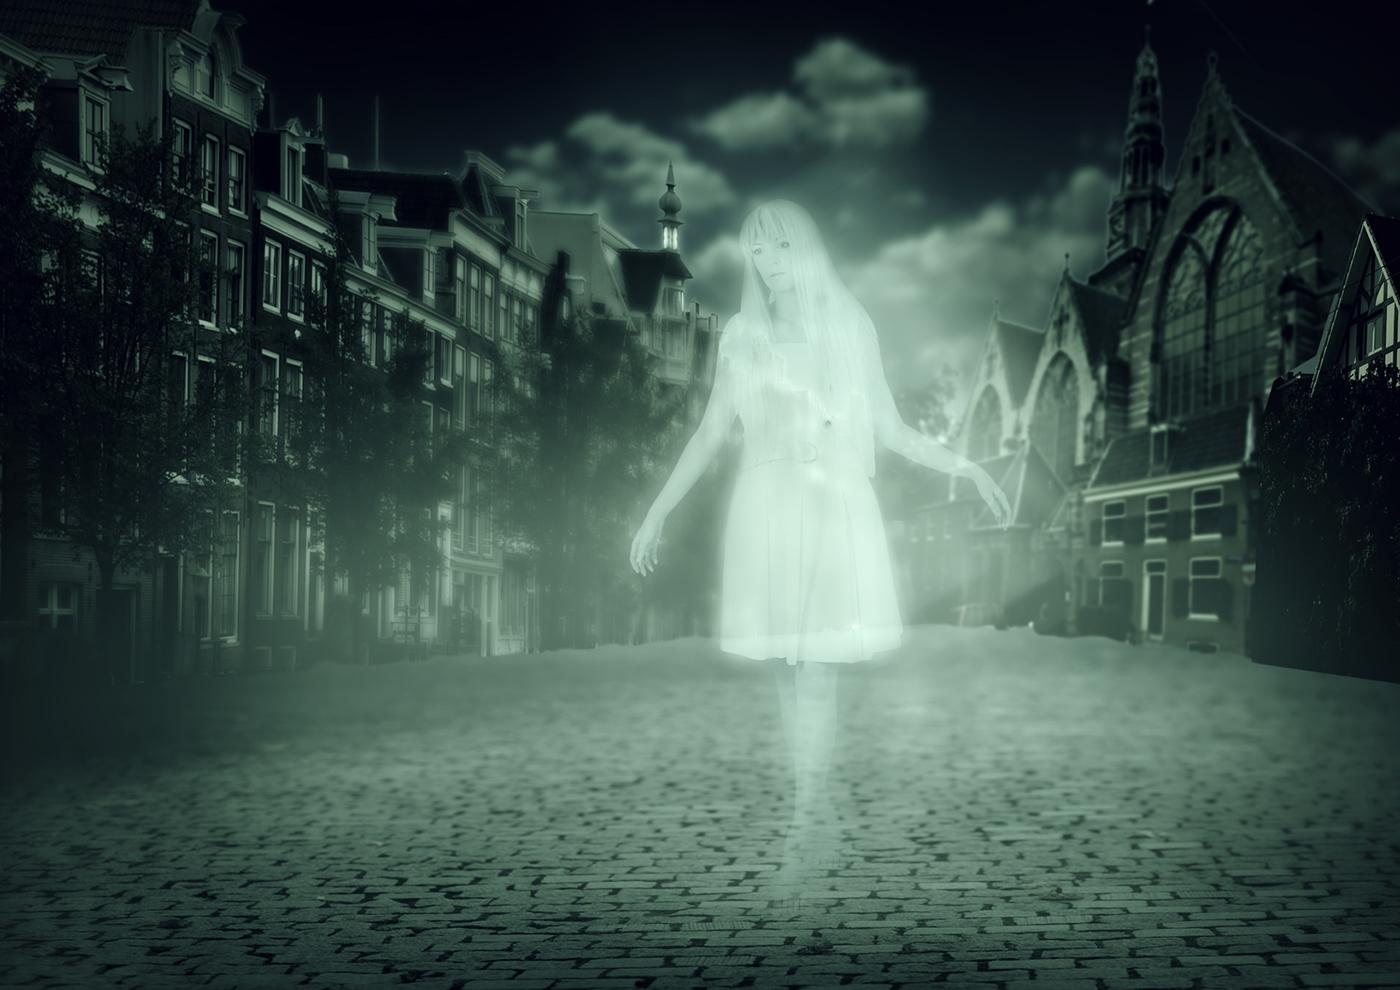 Spookwandeling in Amsterdam!